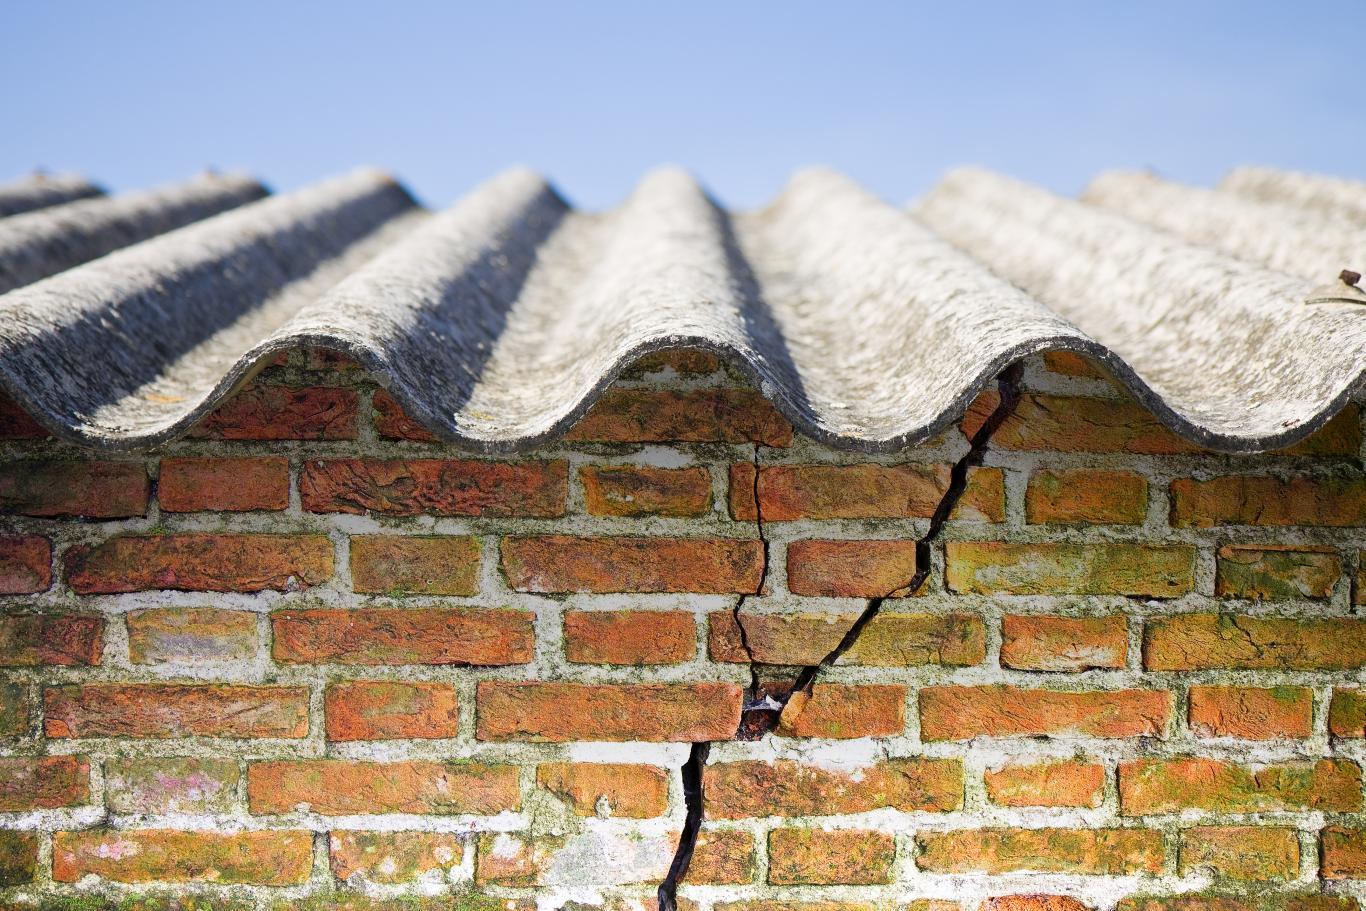 Imagen de una pared de ladrillo con un tejado de uralita